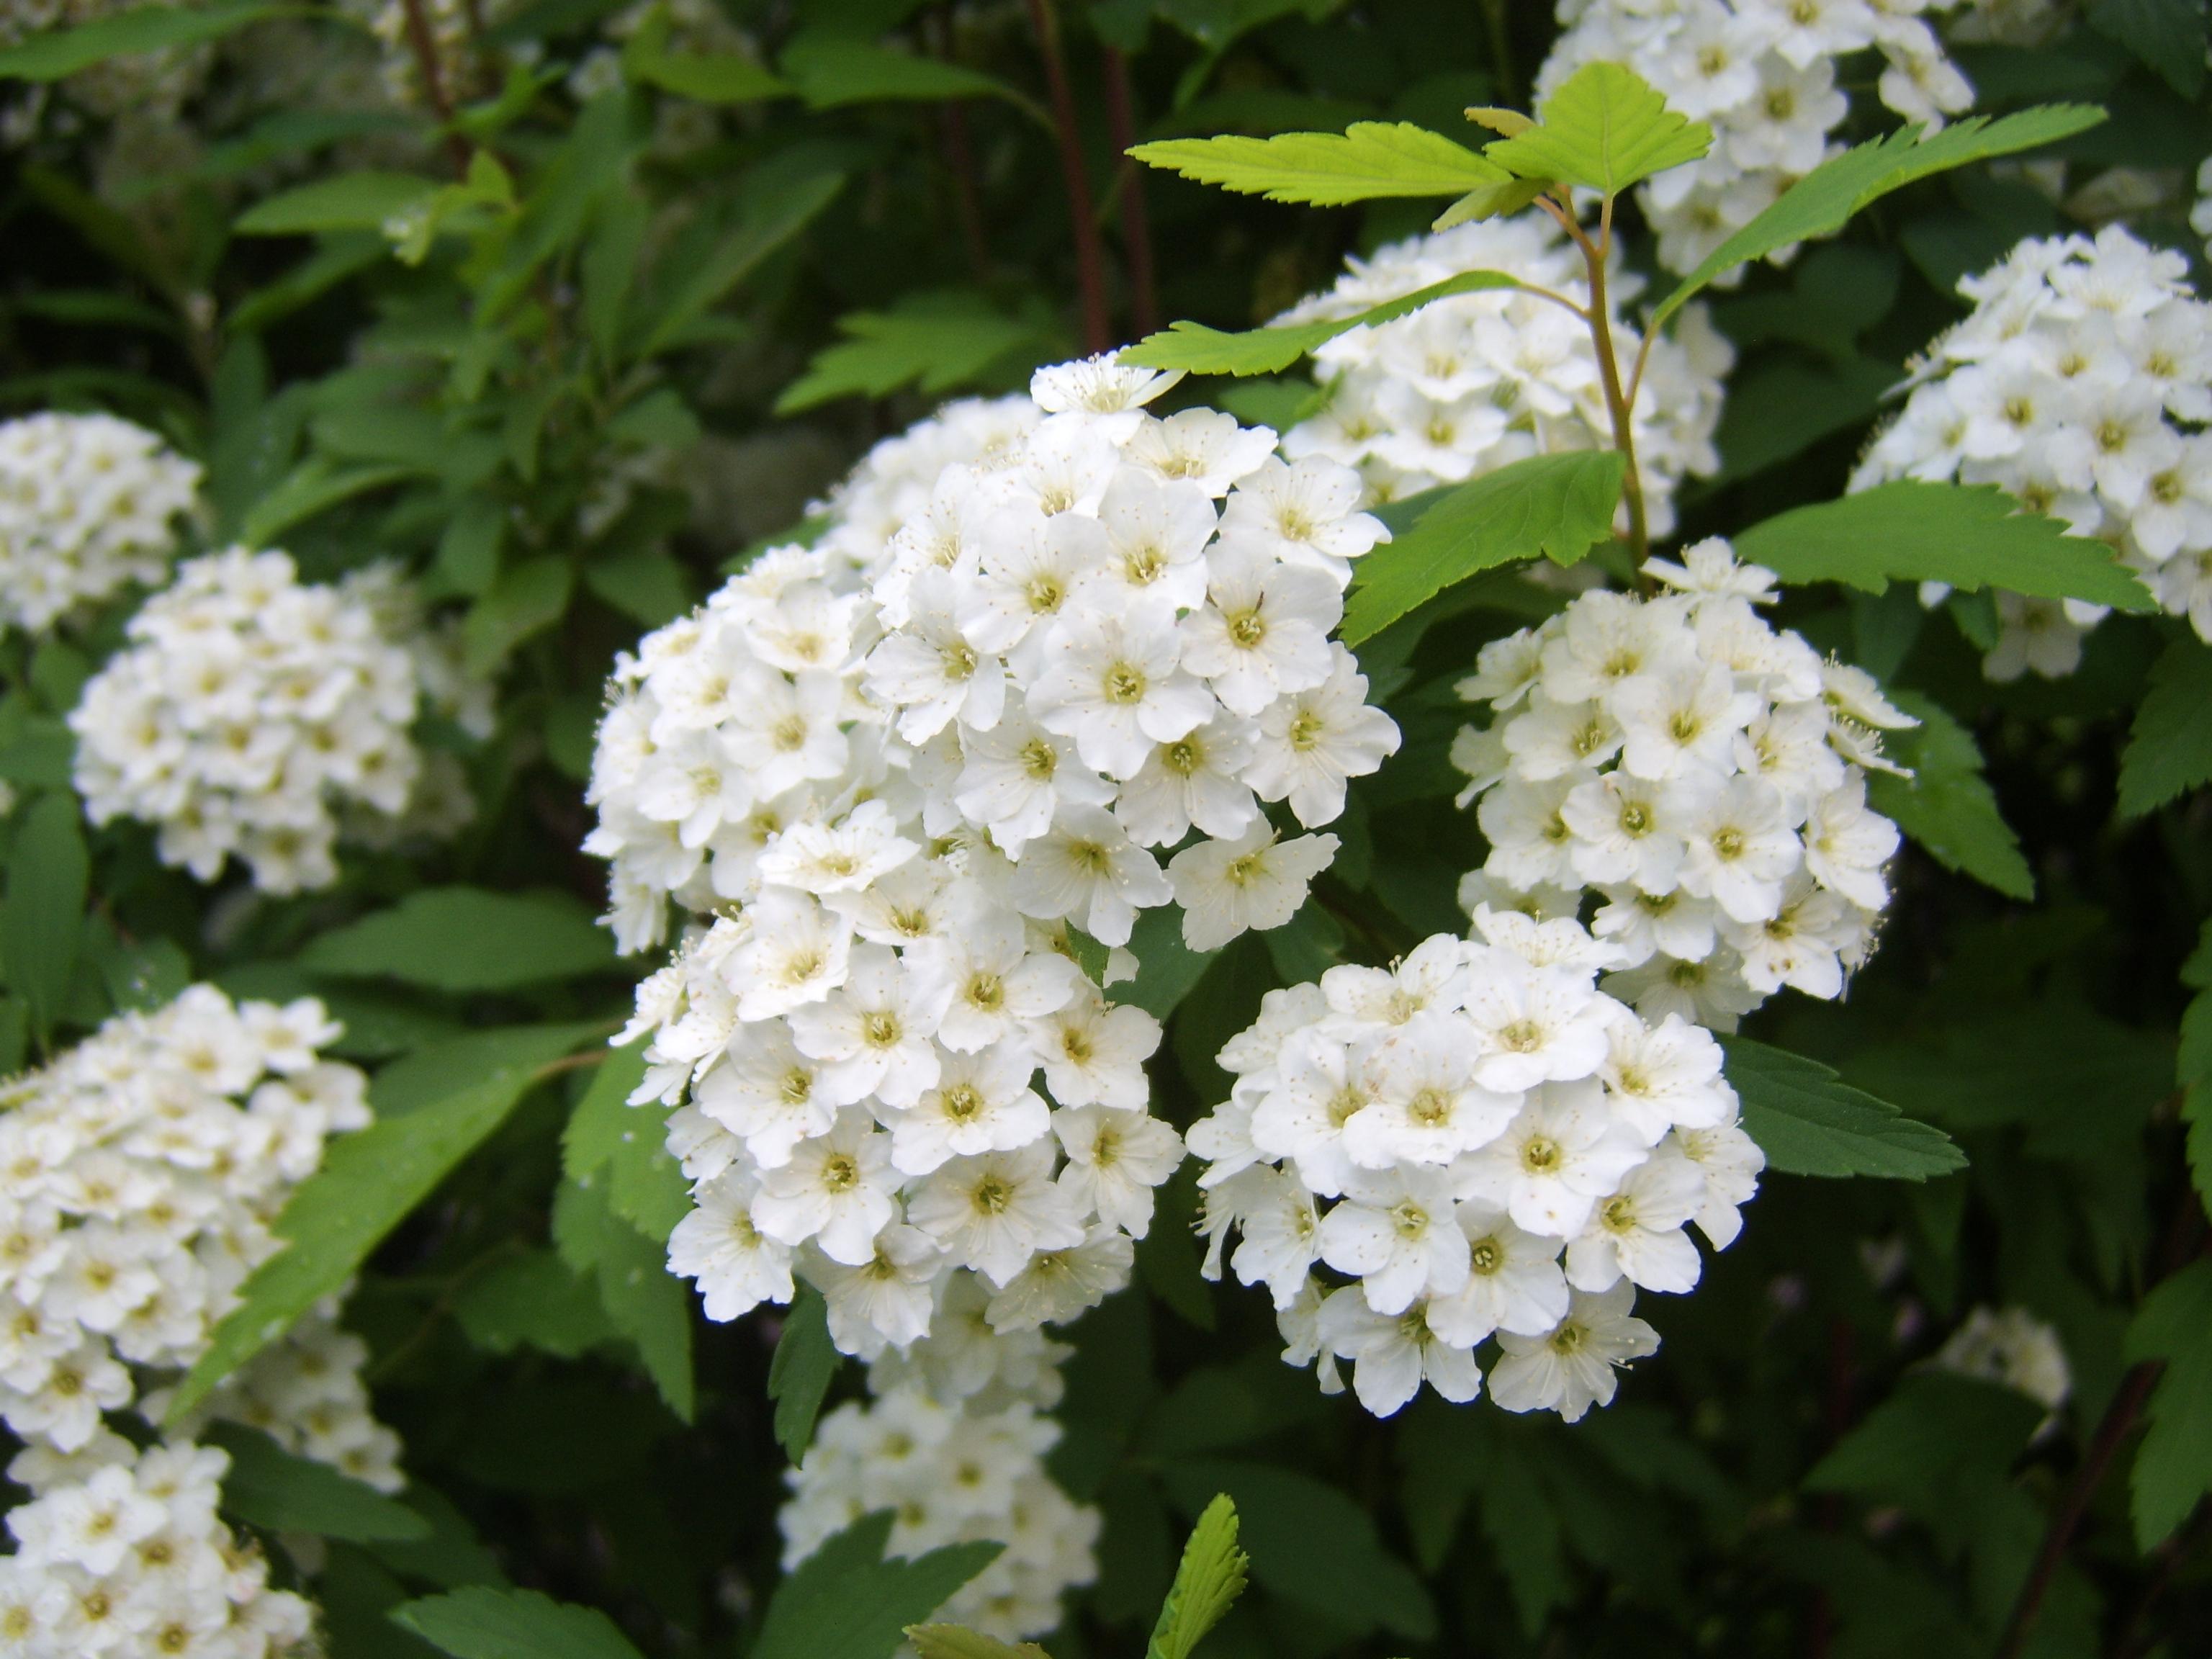 Terrauomocielo alla 20 fiera dei fiori di piancogno bs for Fiori piccoli bianchi